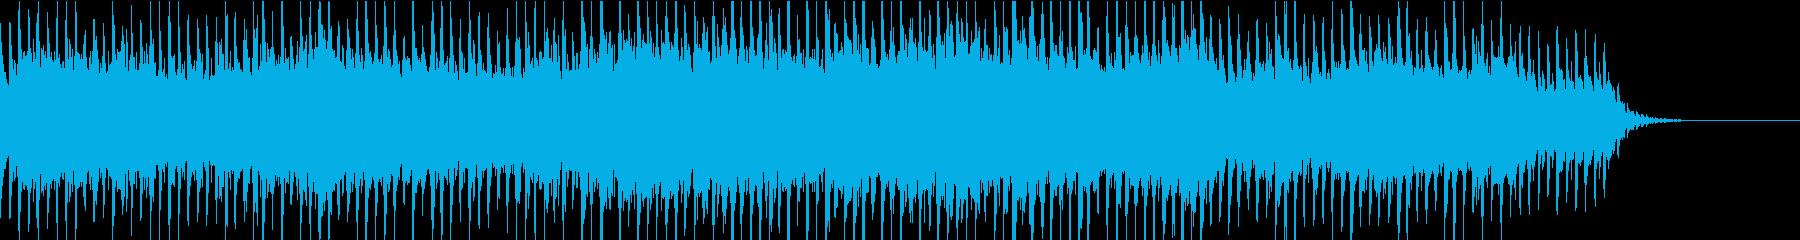 イルミネーションBGM③ビート感の再生済みの波形